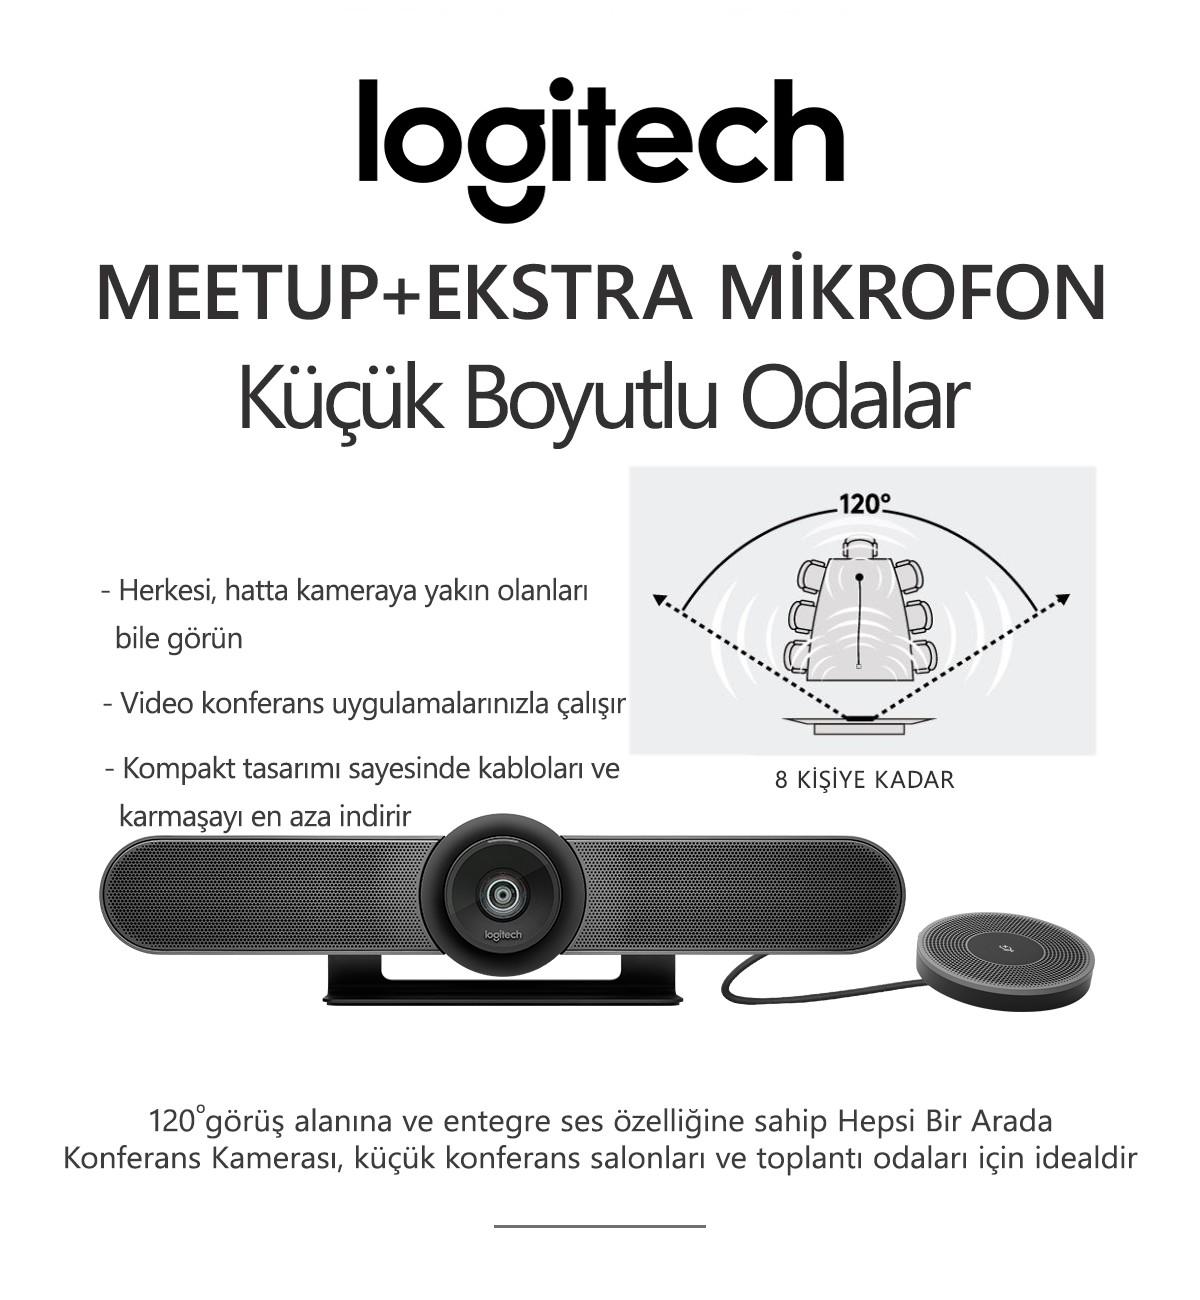 Logitech MEETUP + EKSTRA MİKROFON Konferans Sistemi